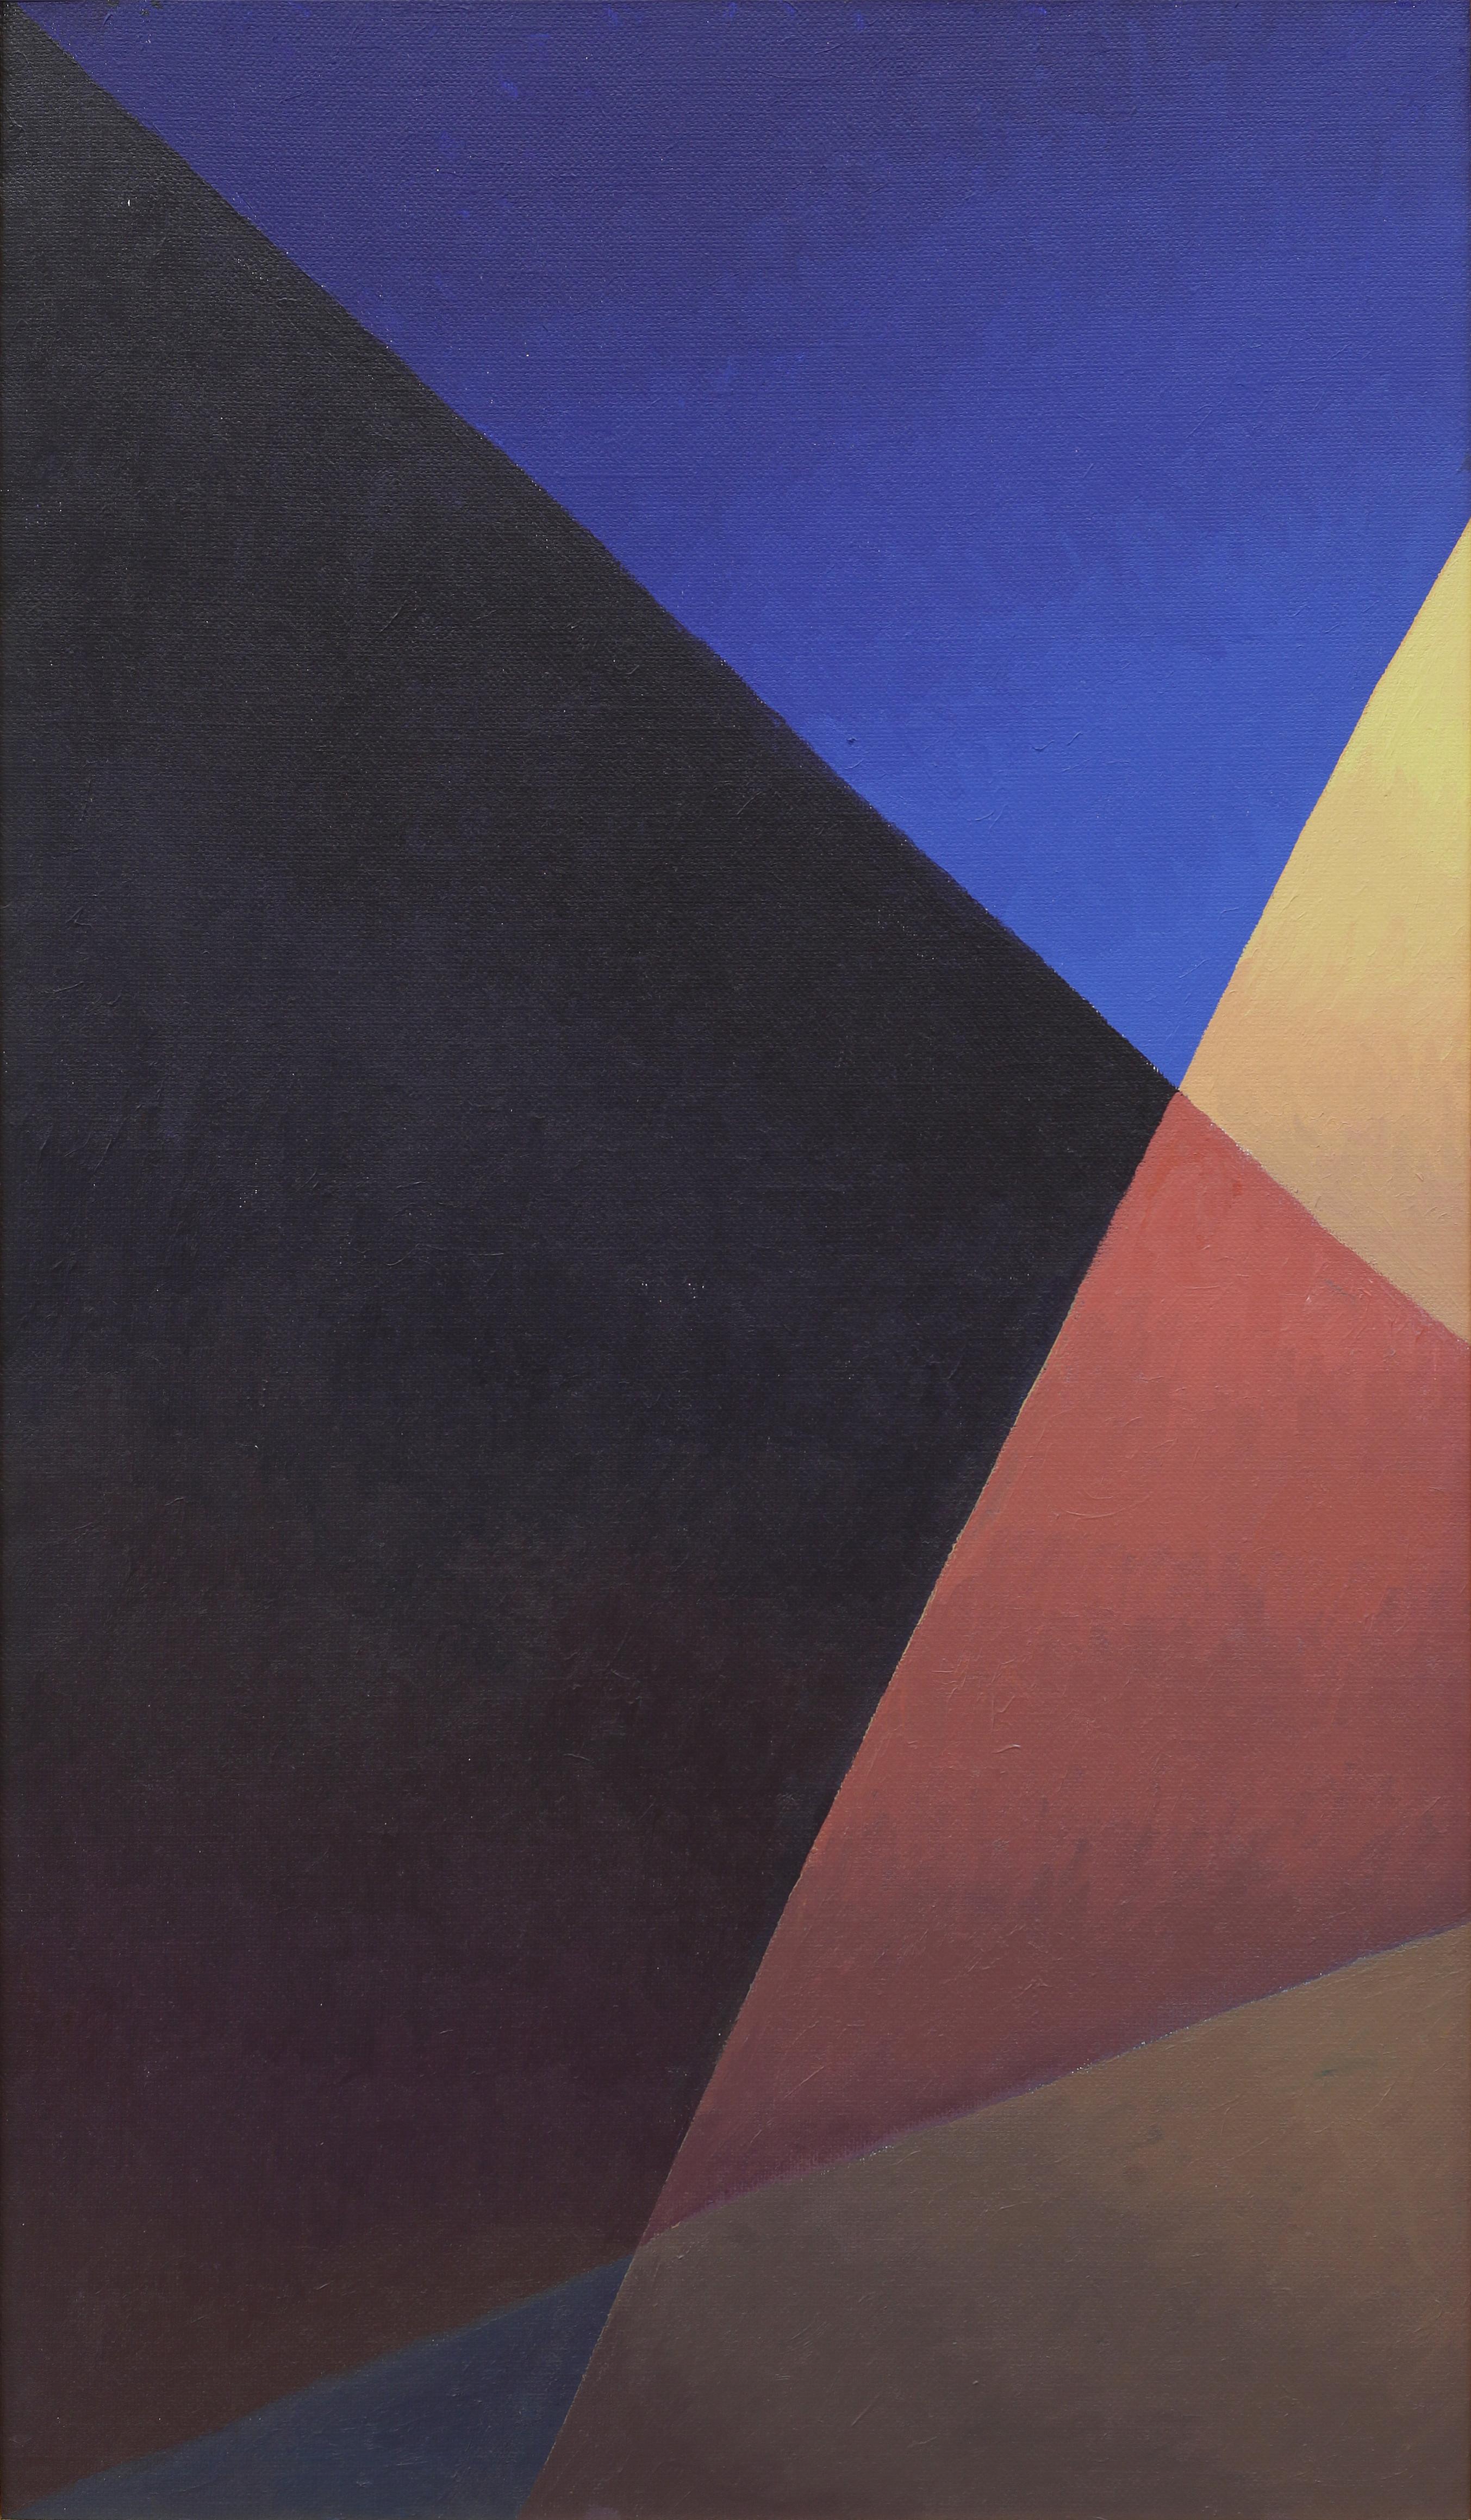 Salvo, Notte strada lampione, 1986, olio su tela, 120x70 cm